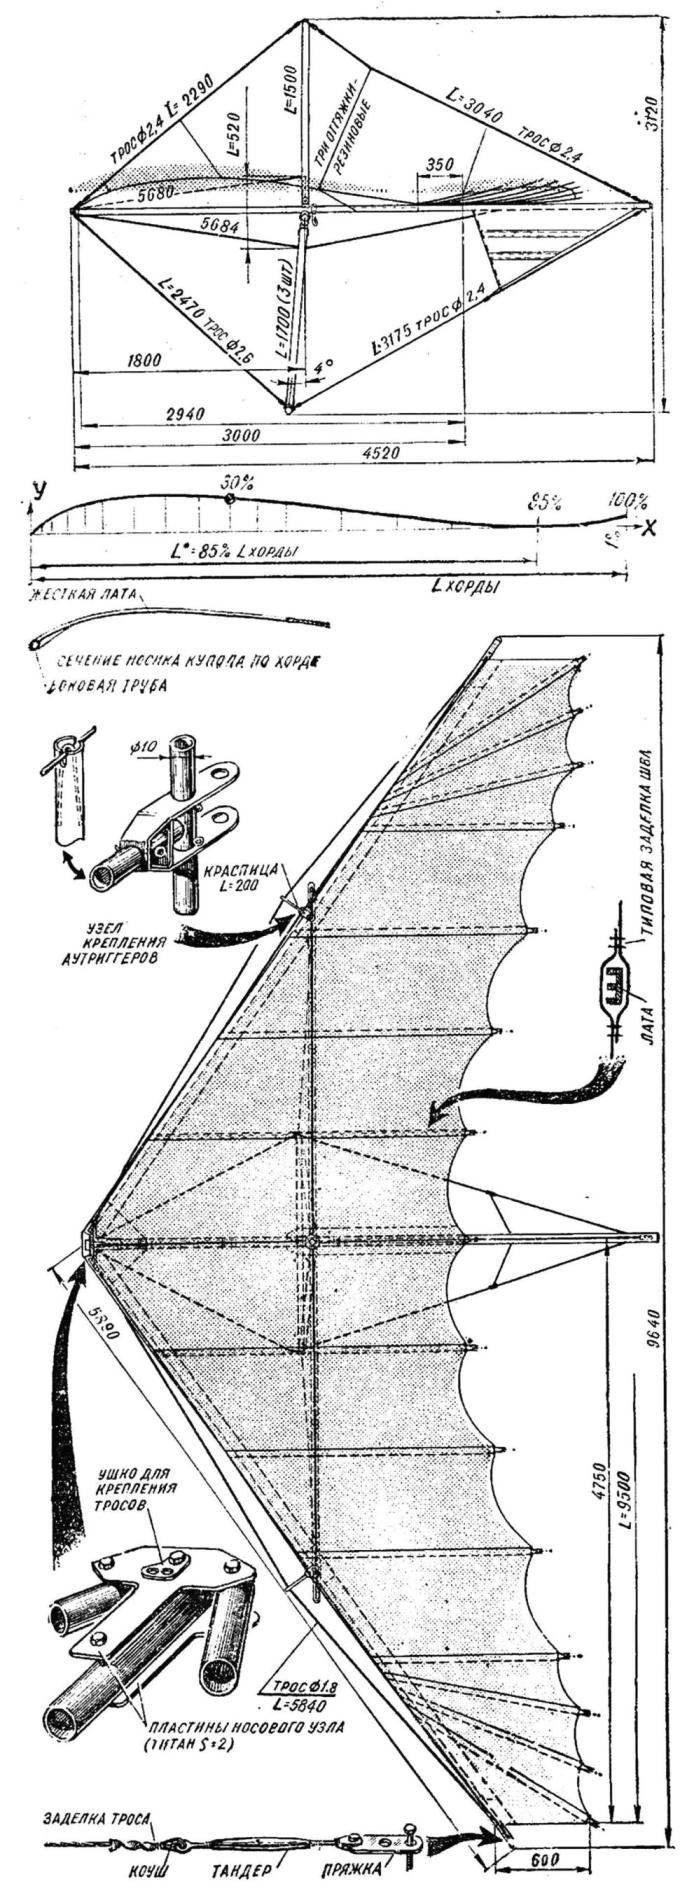 Рис. 1. Общий вид дельтаплана «Альбатрос» сбоку и сверху.